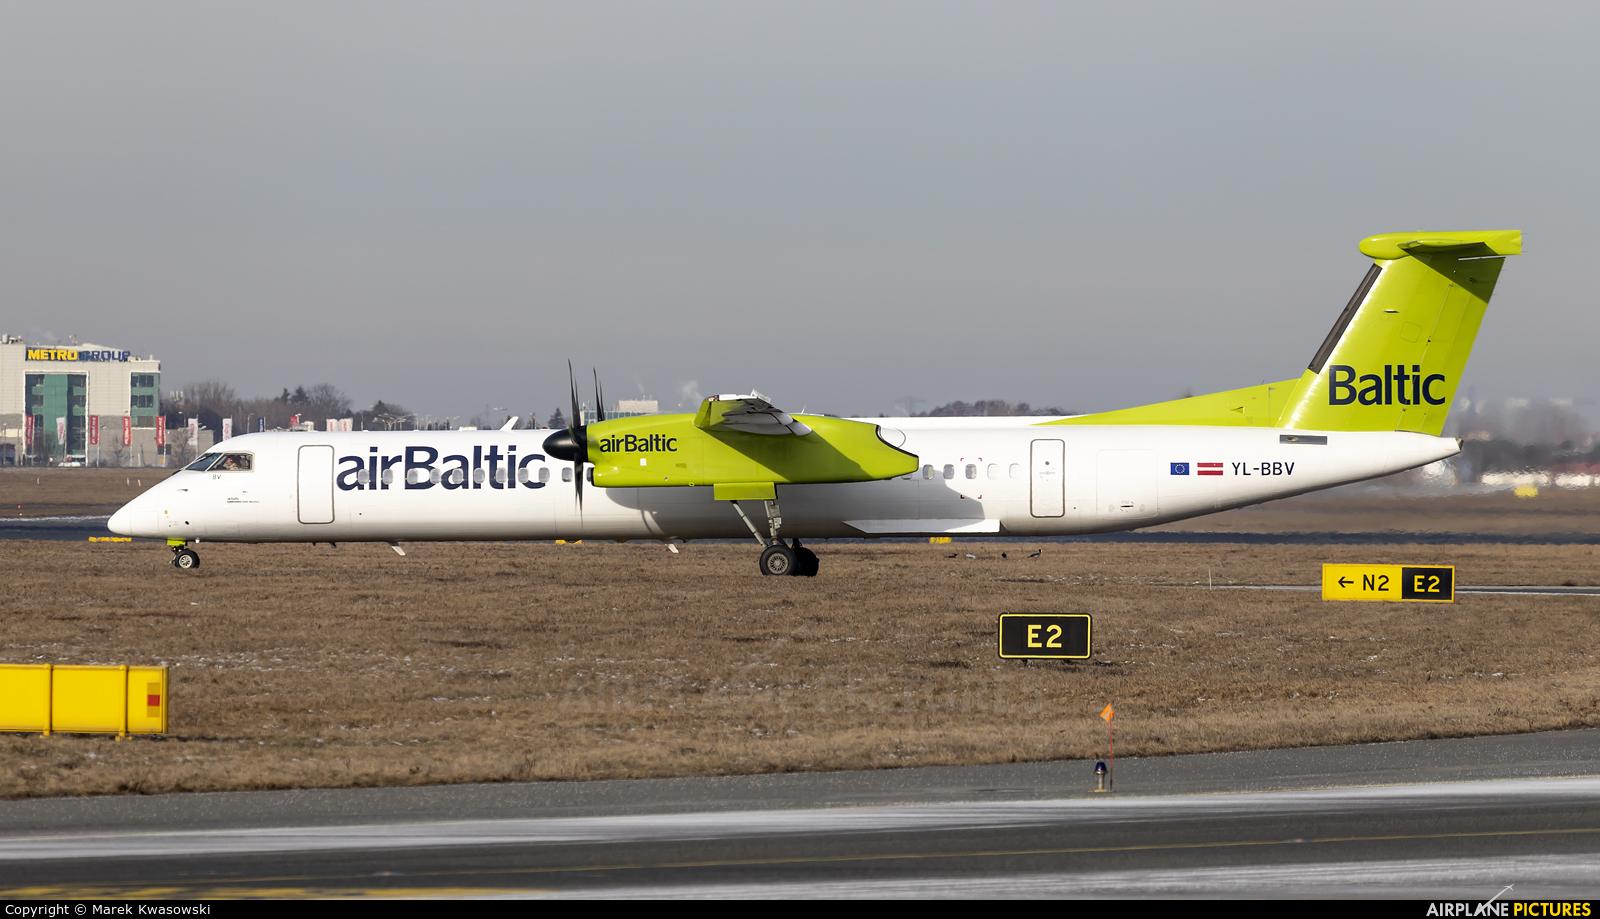 Air Baltic YL-BBV aircraft at Warsaw - Frederic Chopin